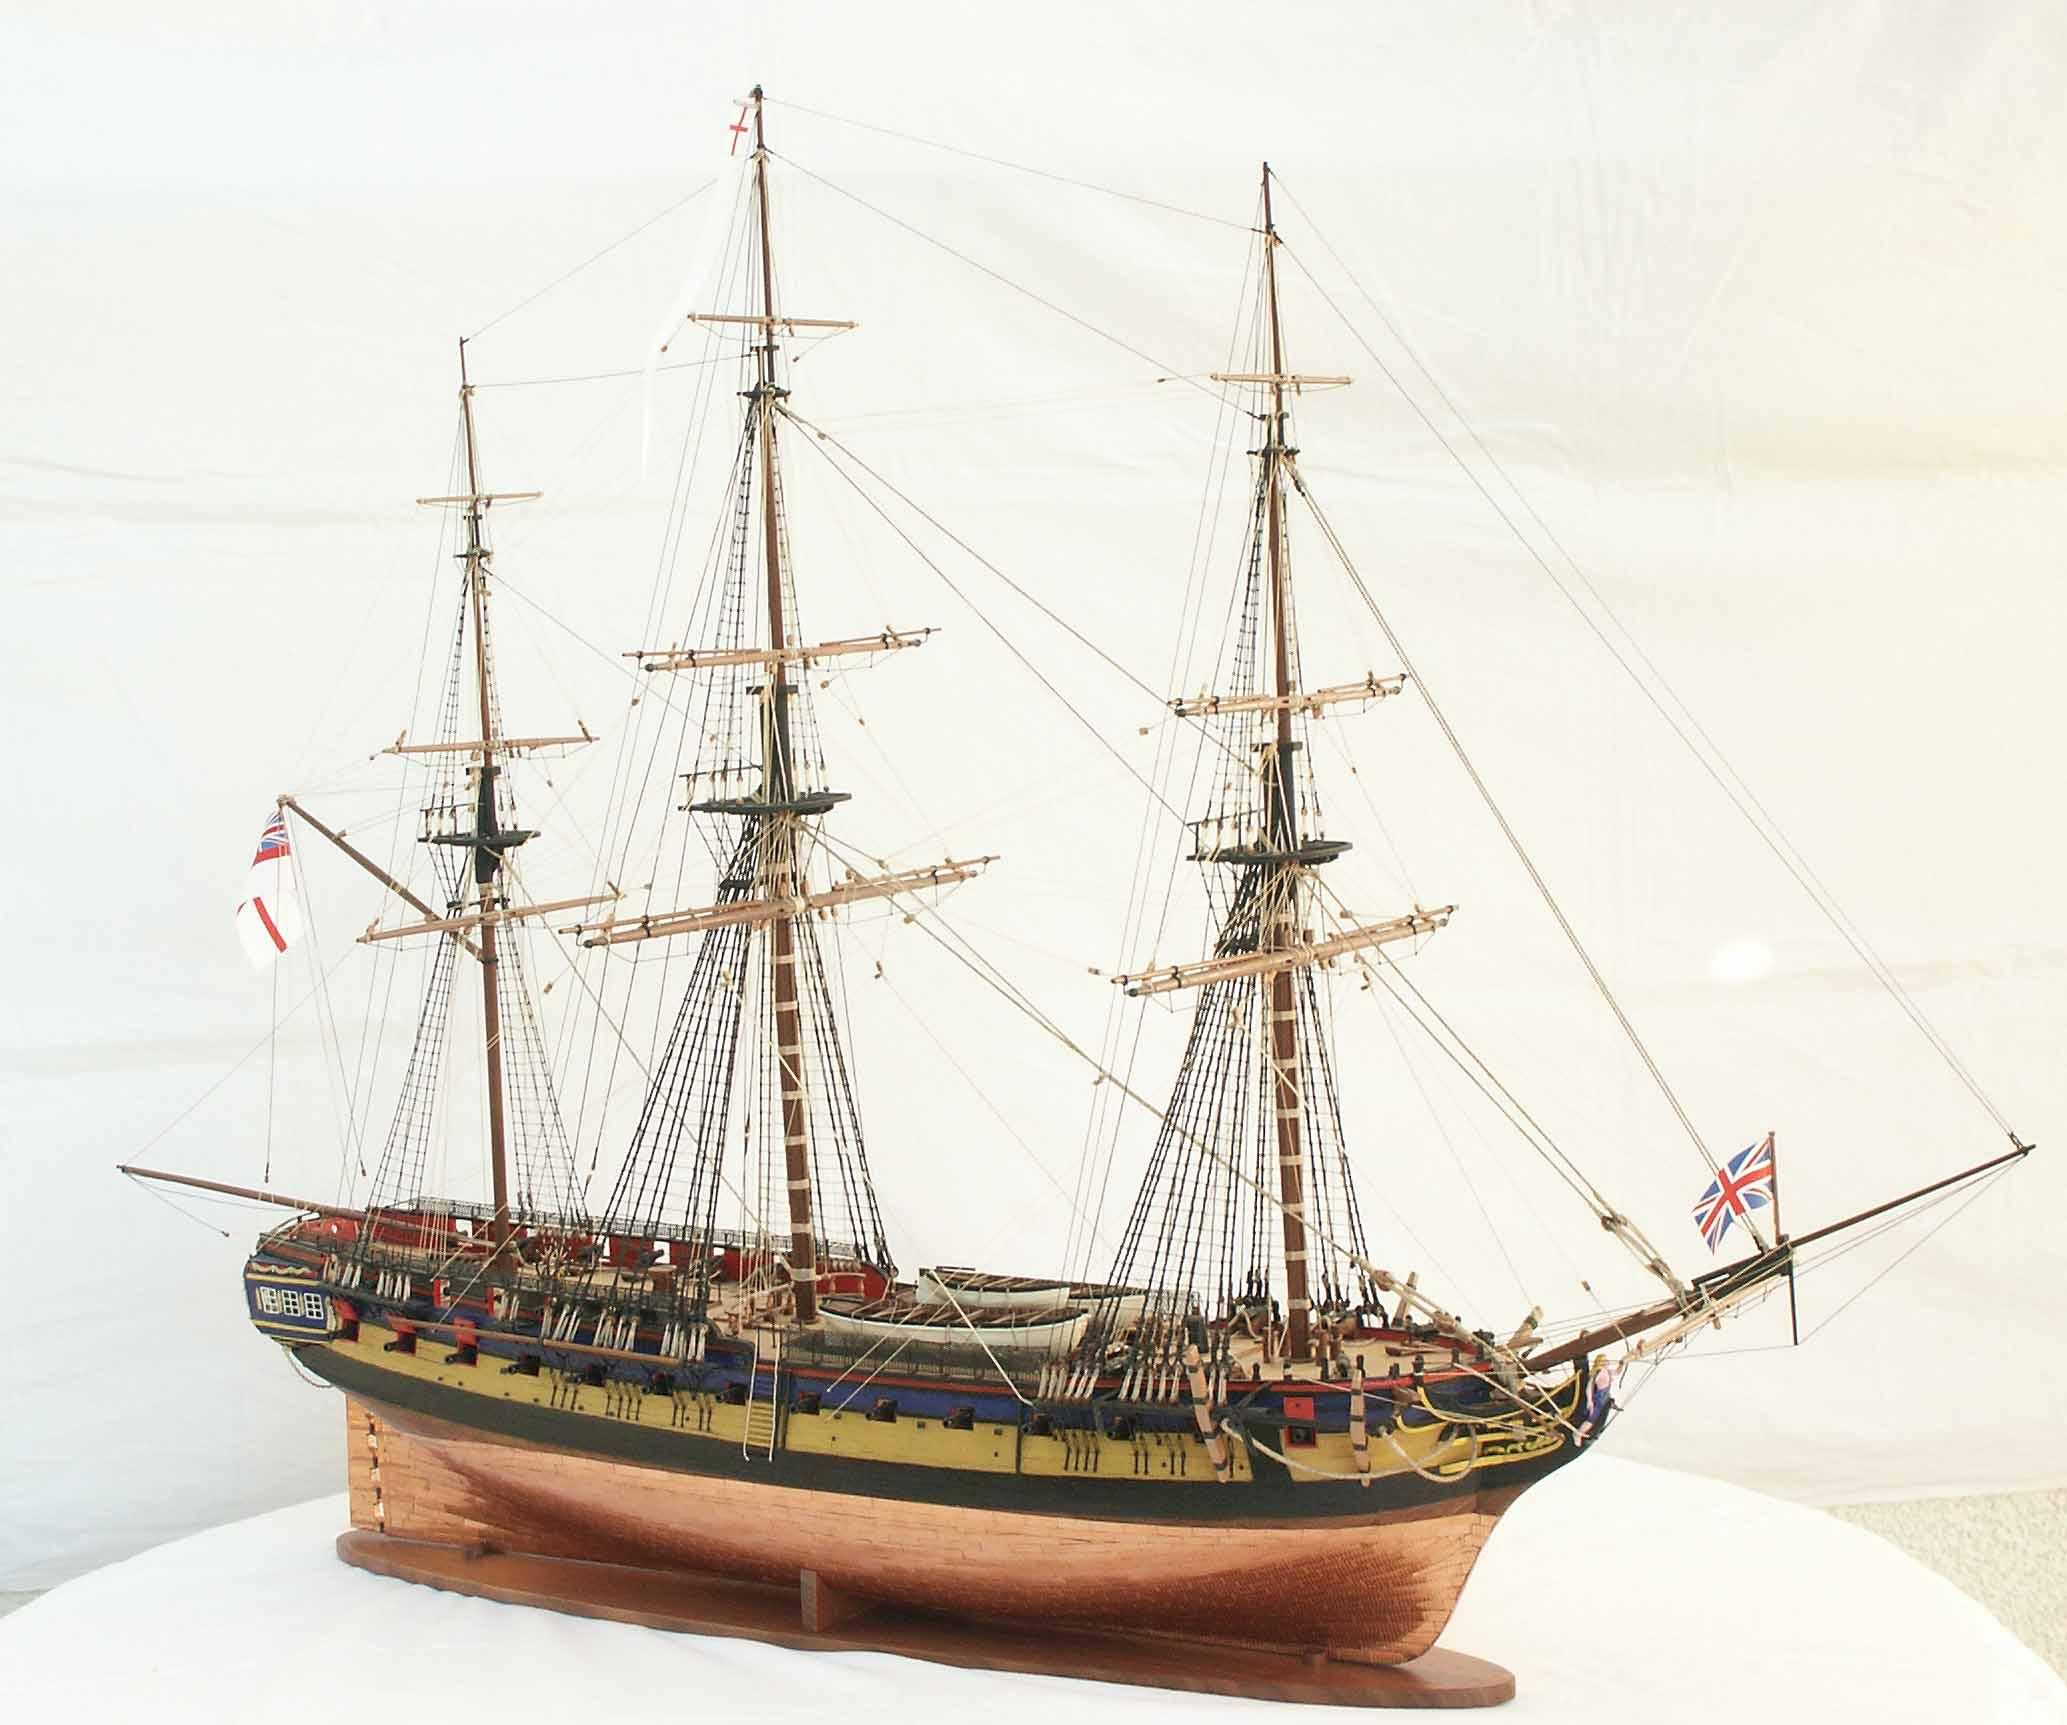 Ship model frigate HMS DIANA, sailing ship